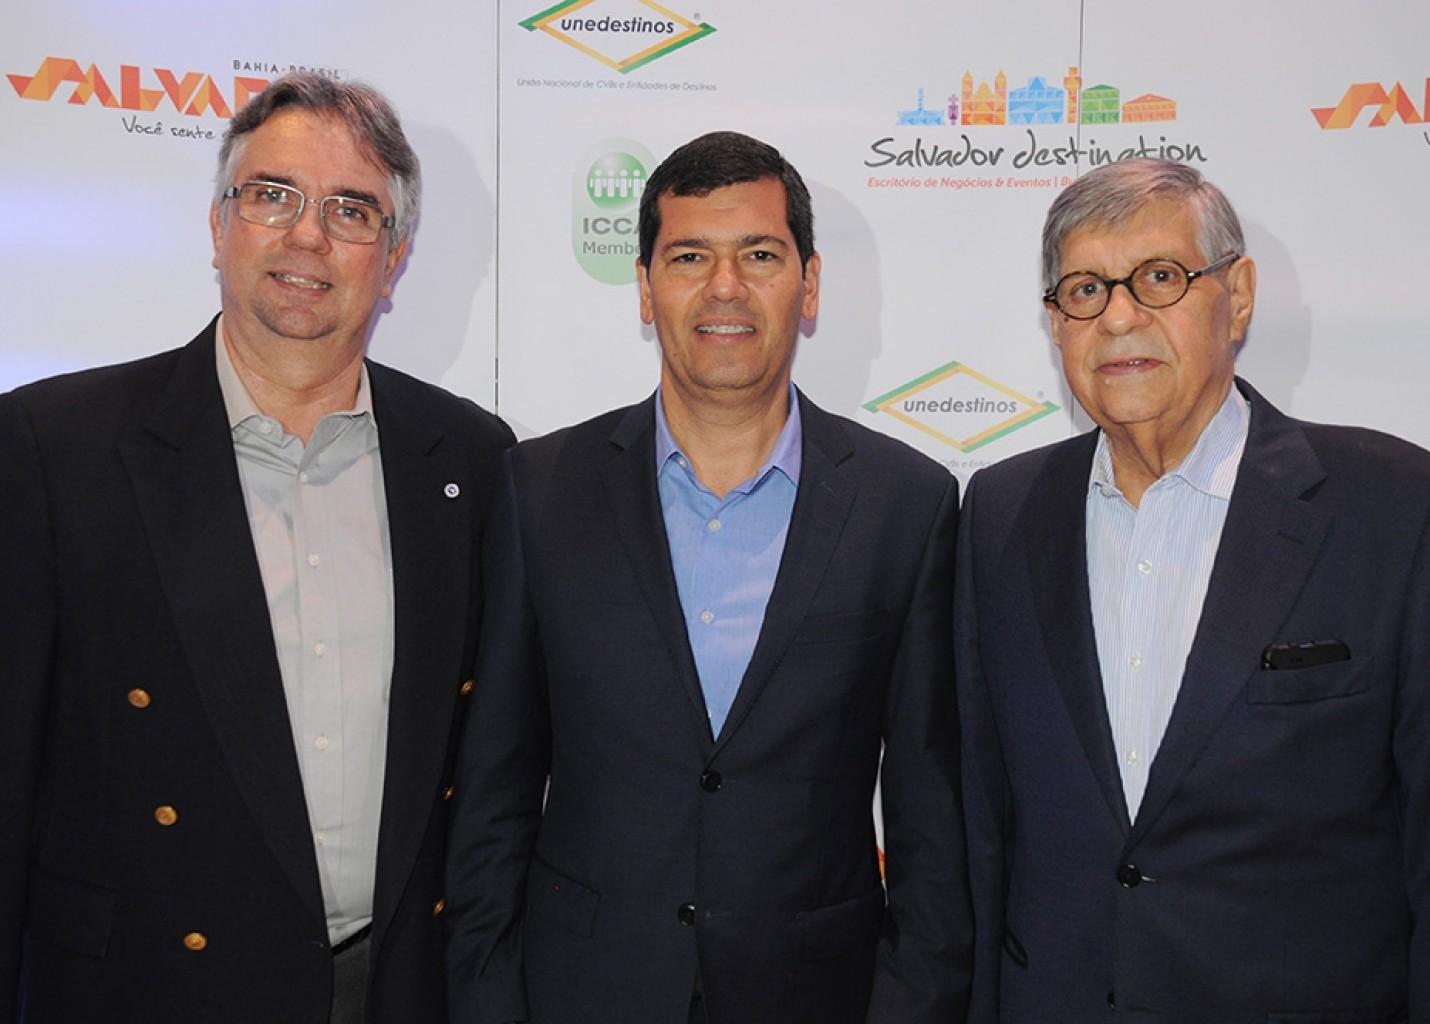 Salvador retoma posição de destaque como destino de Negócios em 2020, diz secretário